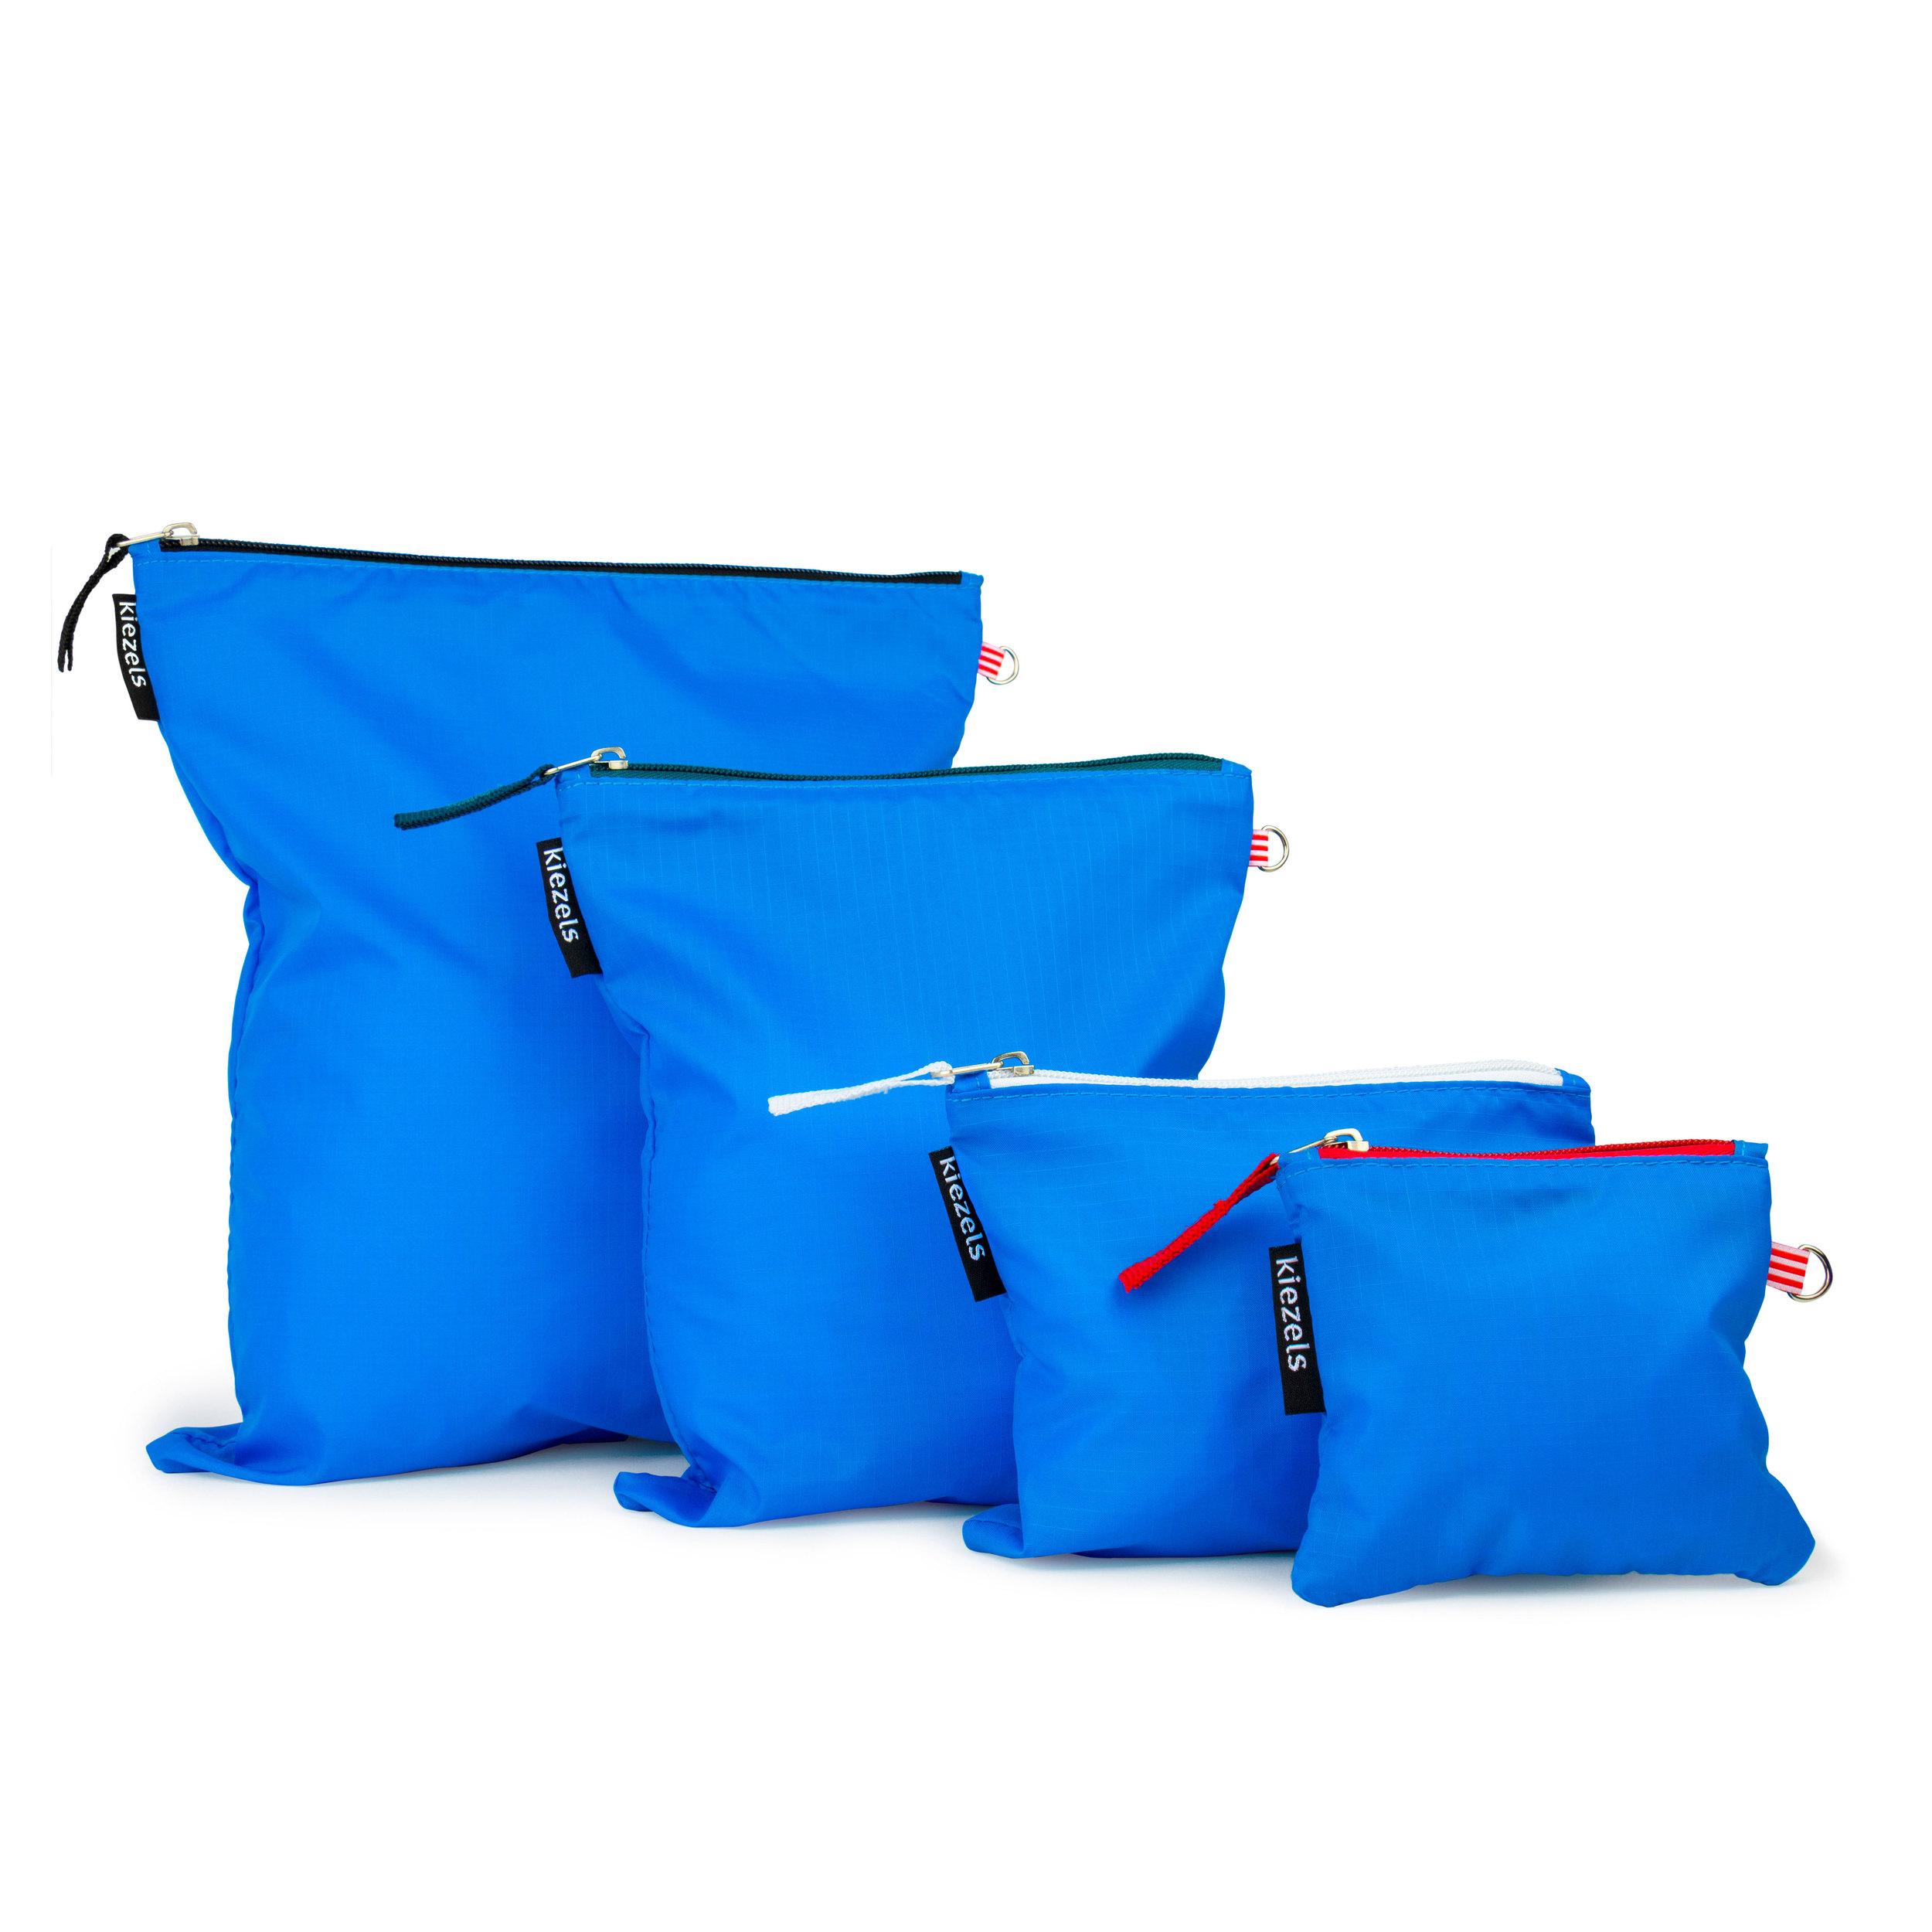 No. 219 Travel organiser bags - sky blue € 18,50